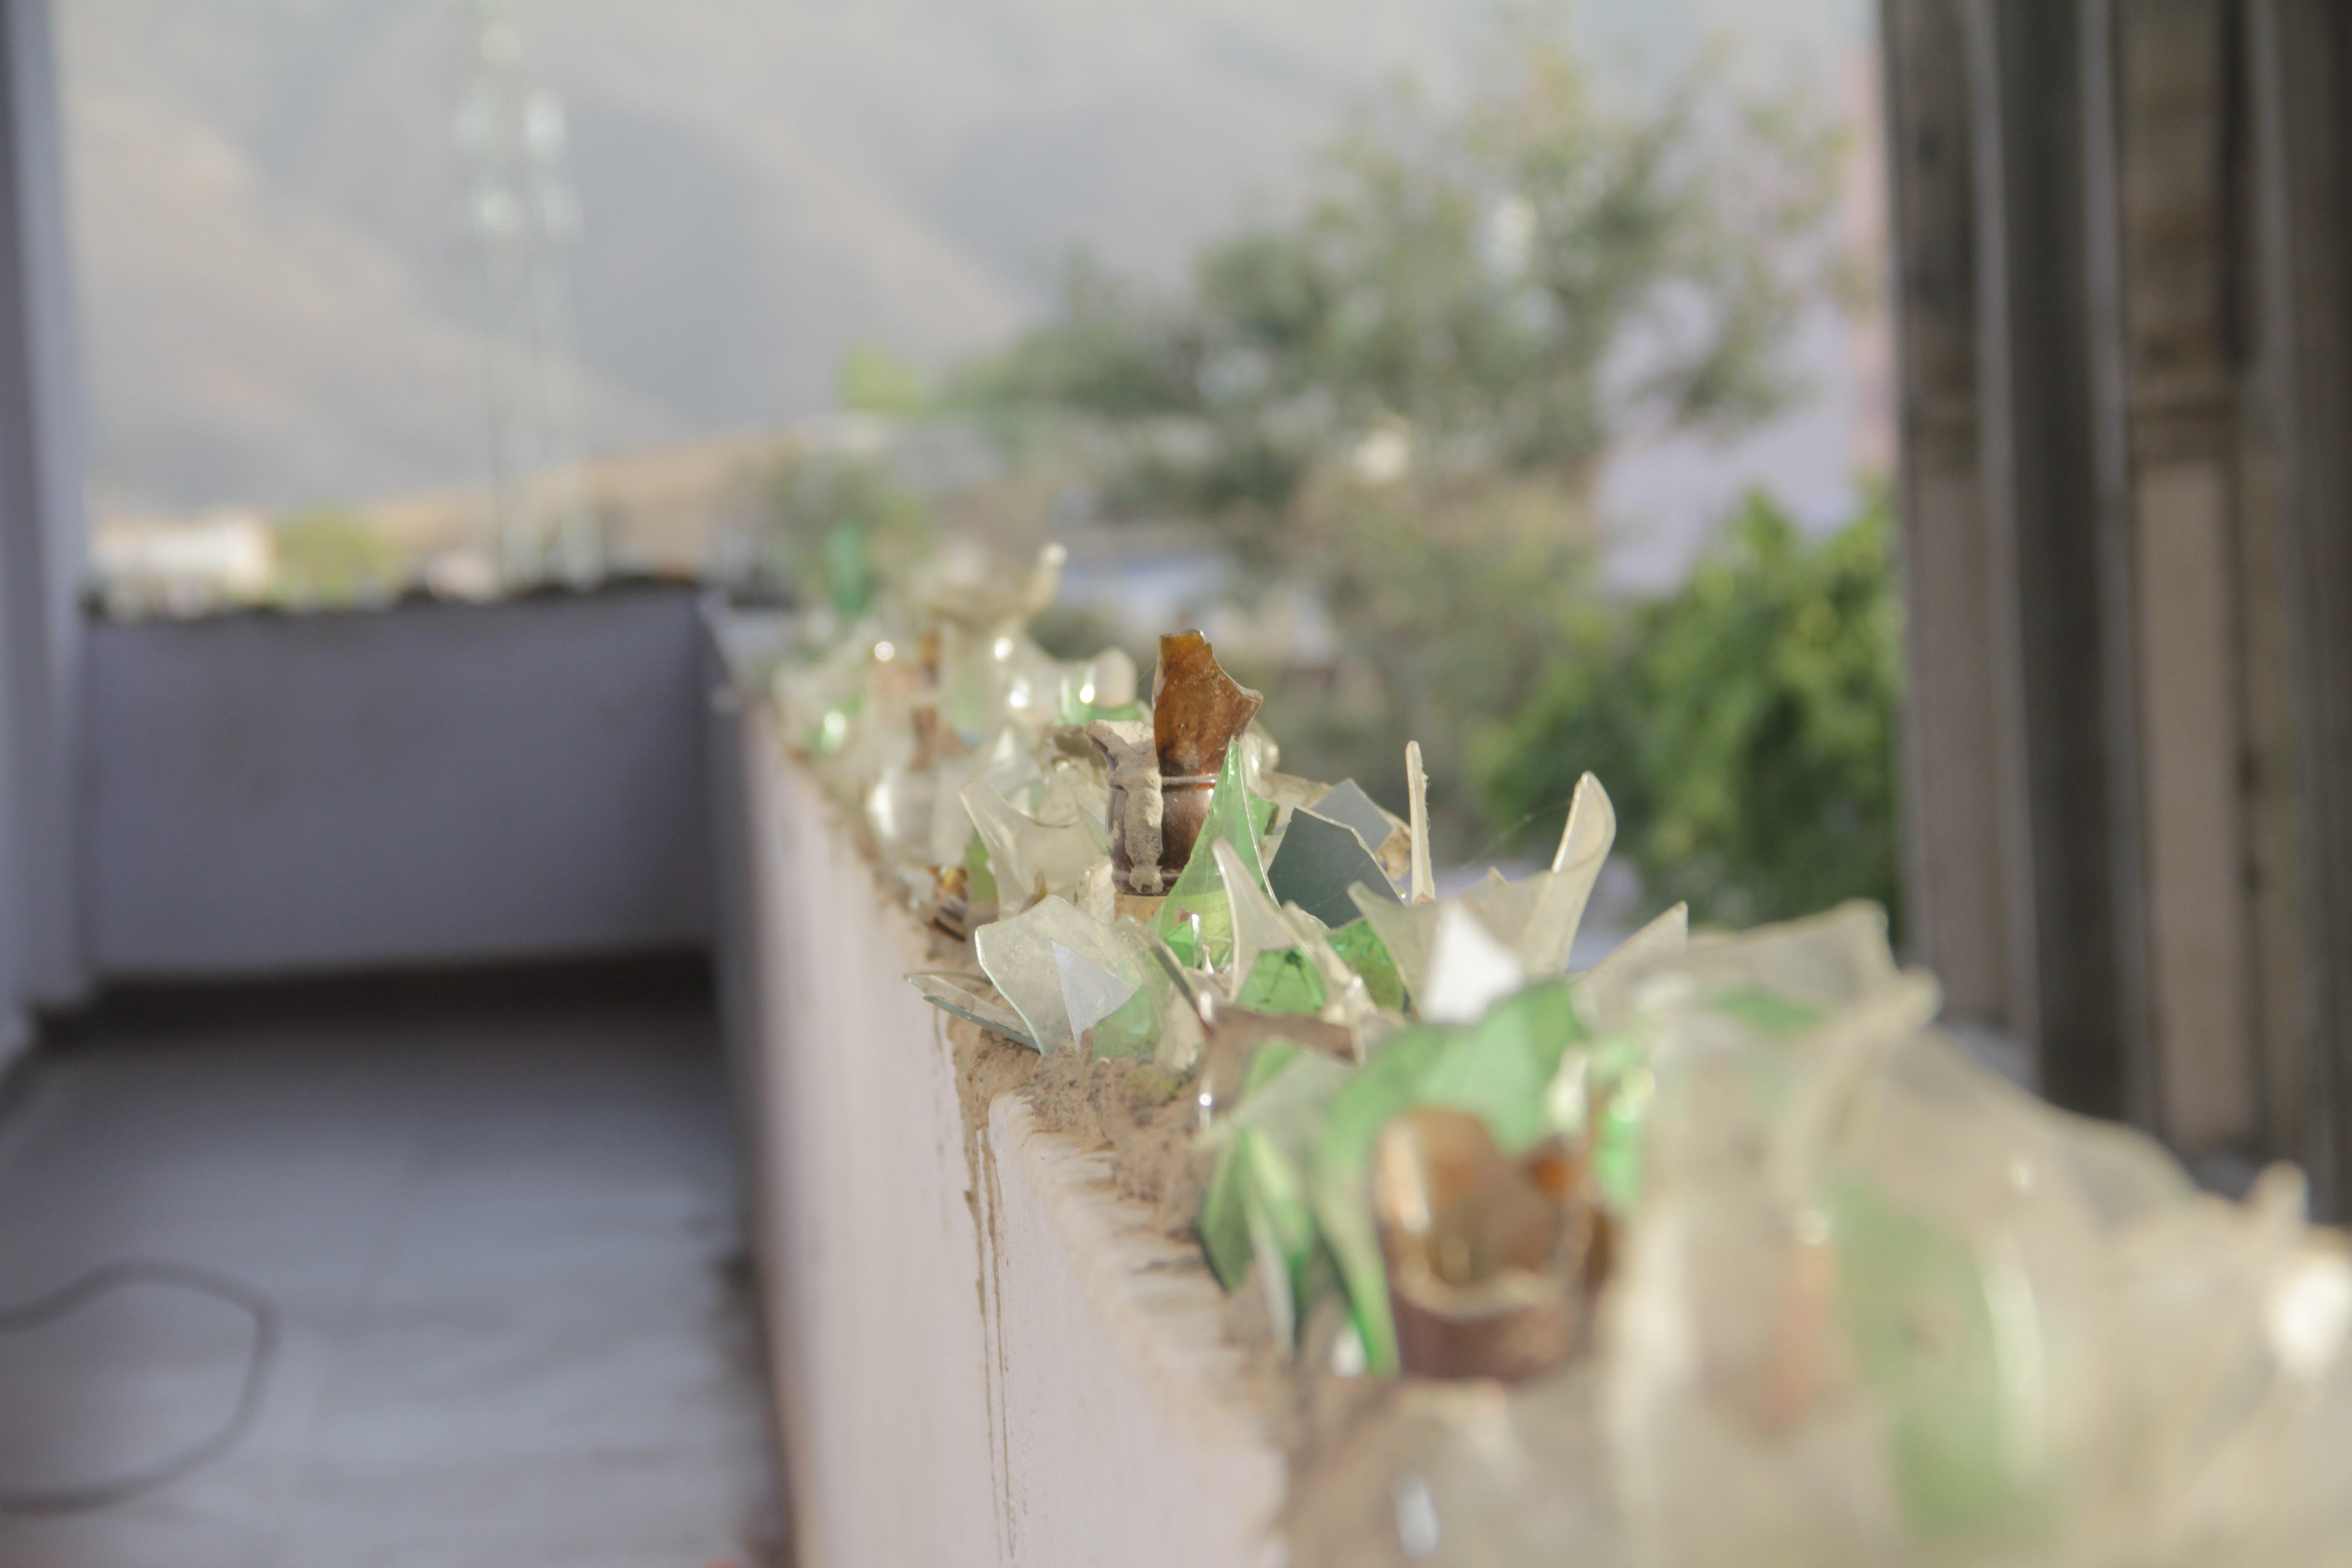 Des débris de bouteilles d'alcool pour effrayer les singes sur les balcons des guesthouses... dans la ville où l'alcool est interdit (© Jérôme Decoster).